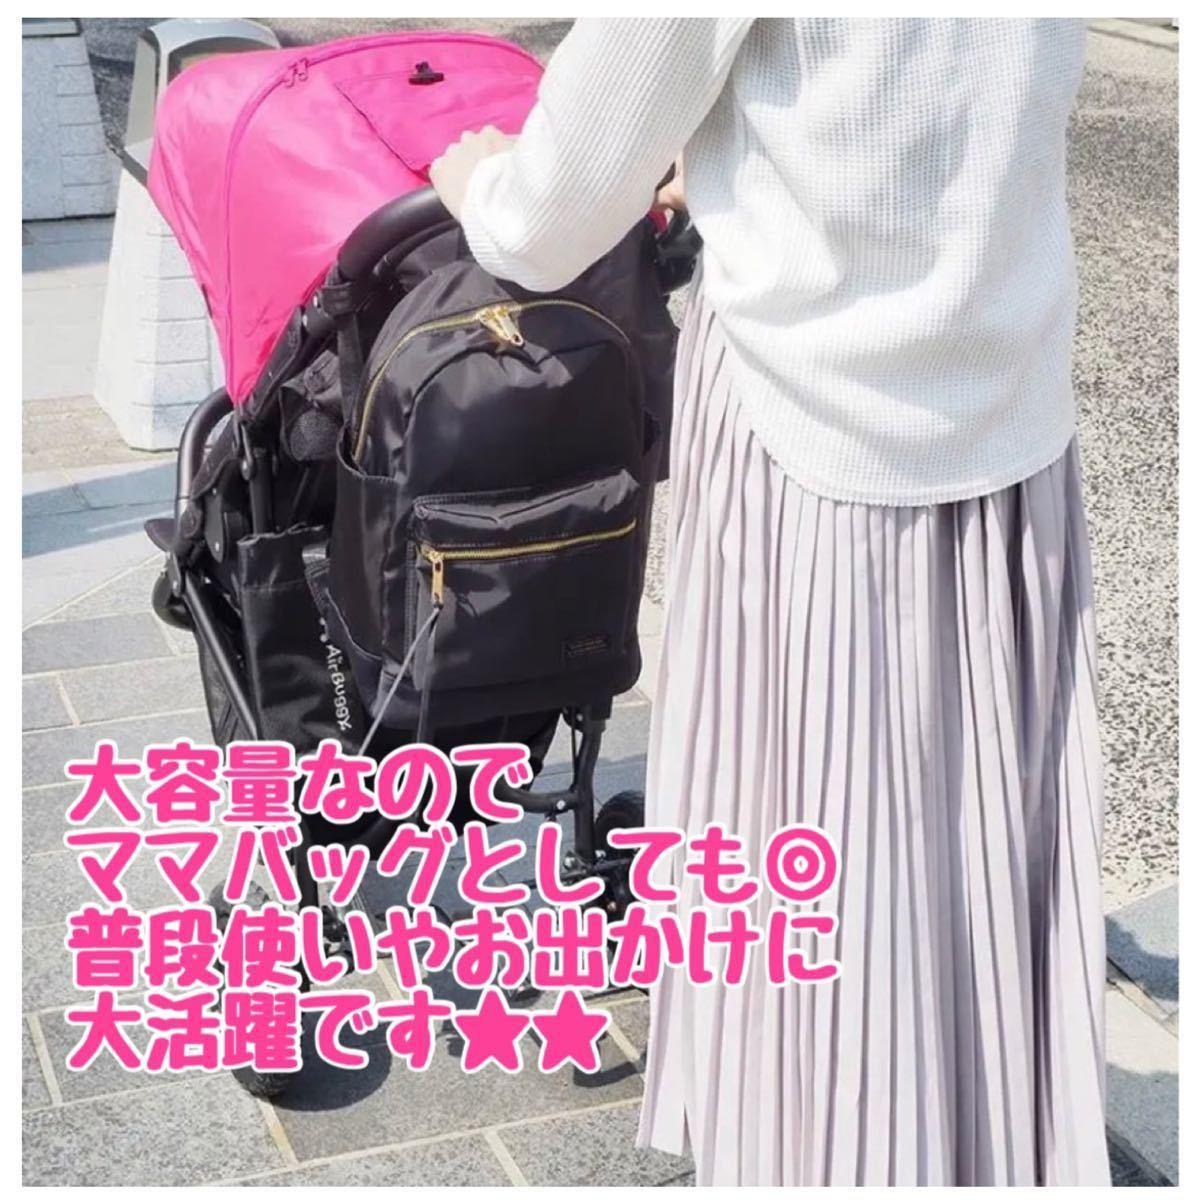 レディース リュック マザーズリュック キャンパスバッグ ブラック 大容量 防水 通勤 通学 韓国 韓国ファッション  軽量